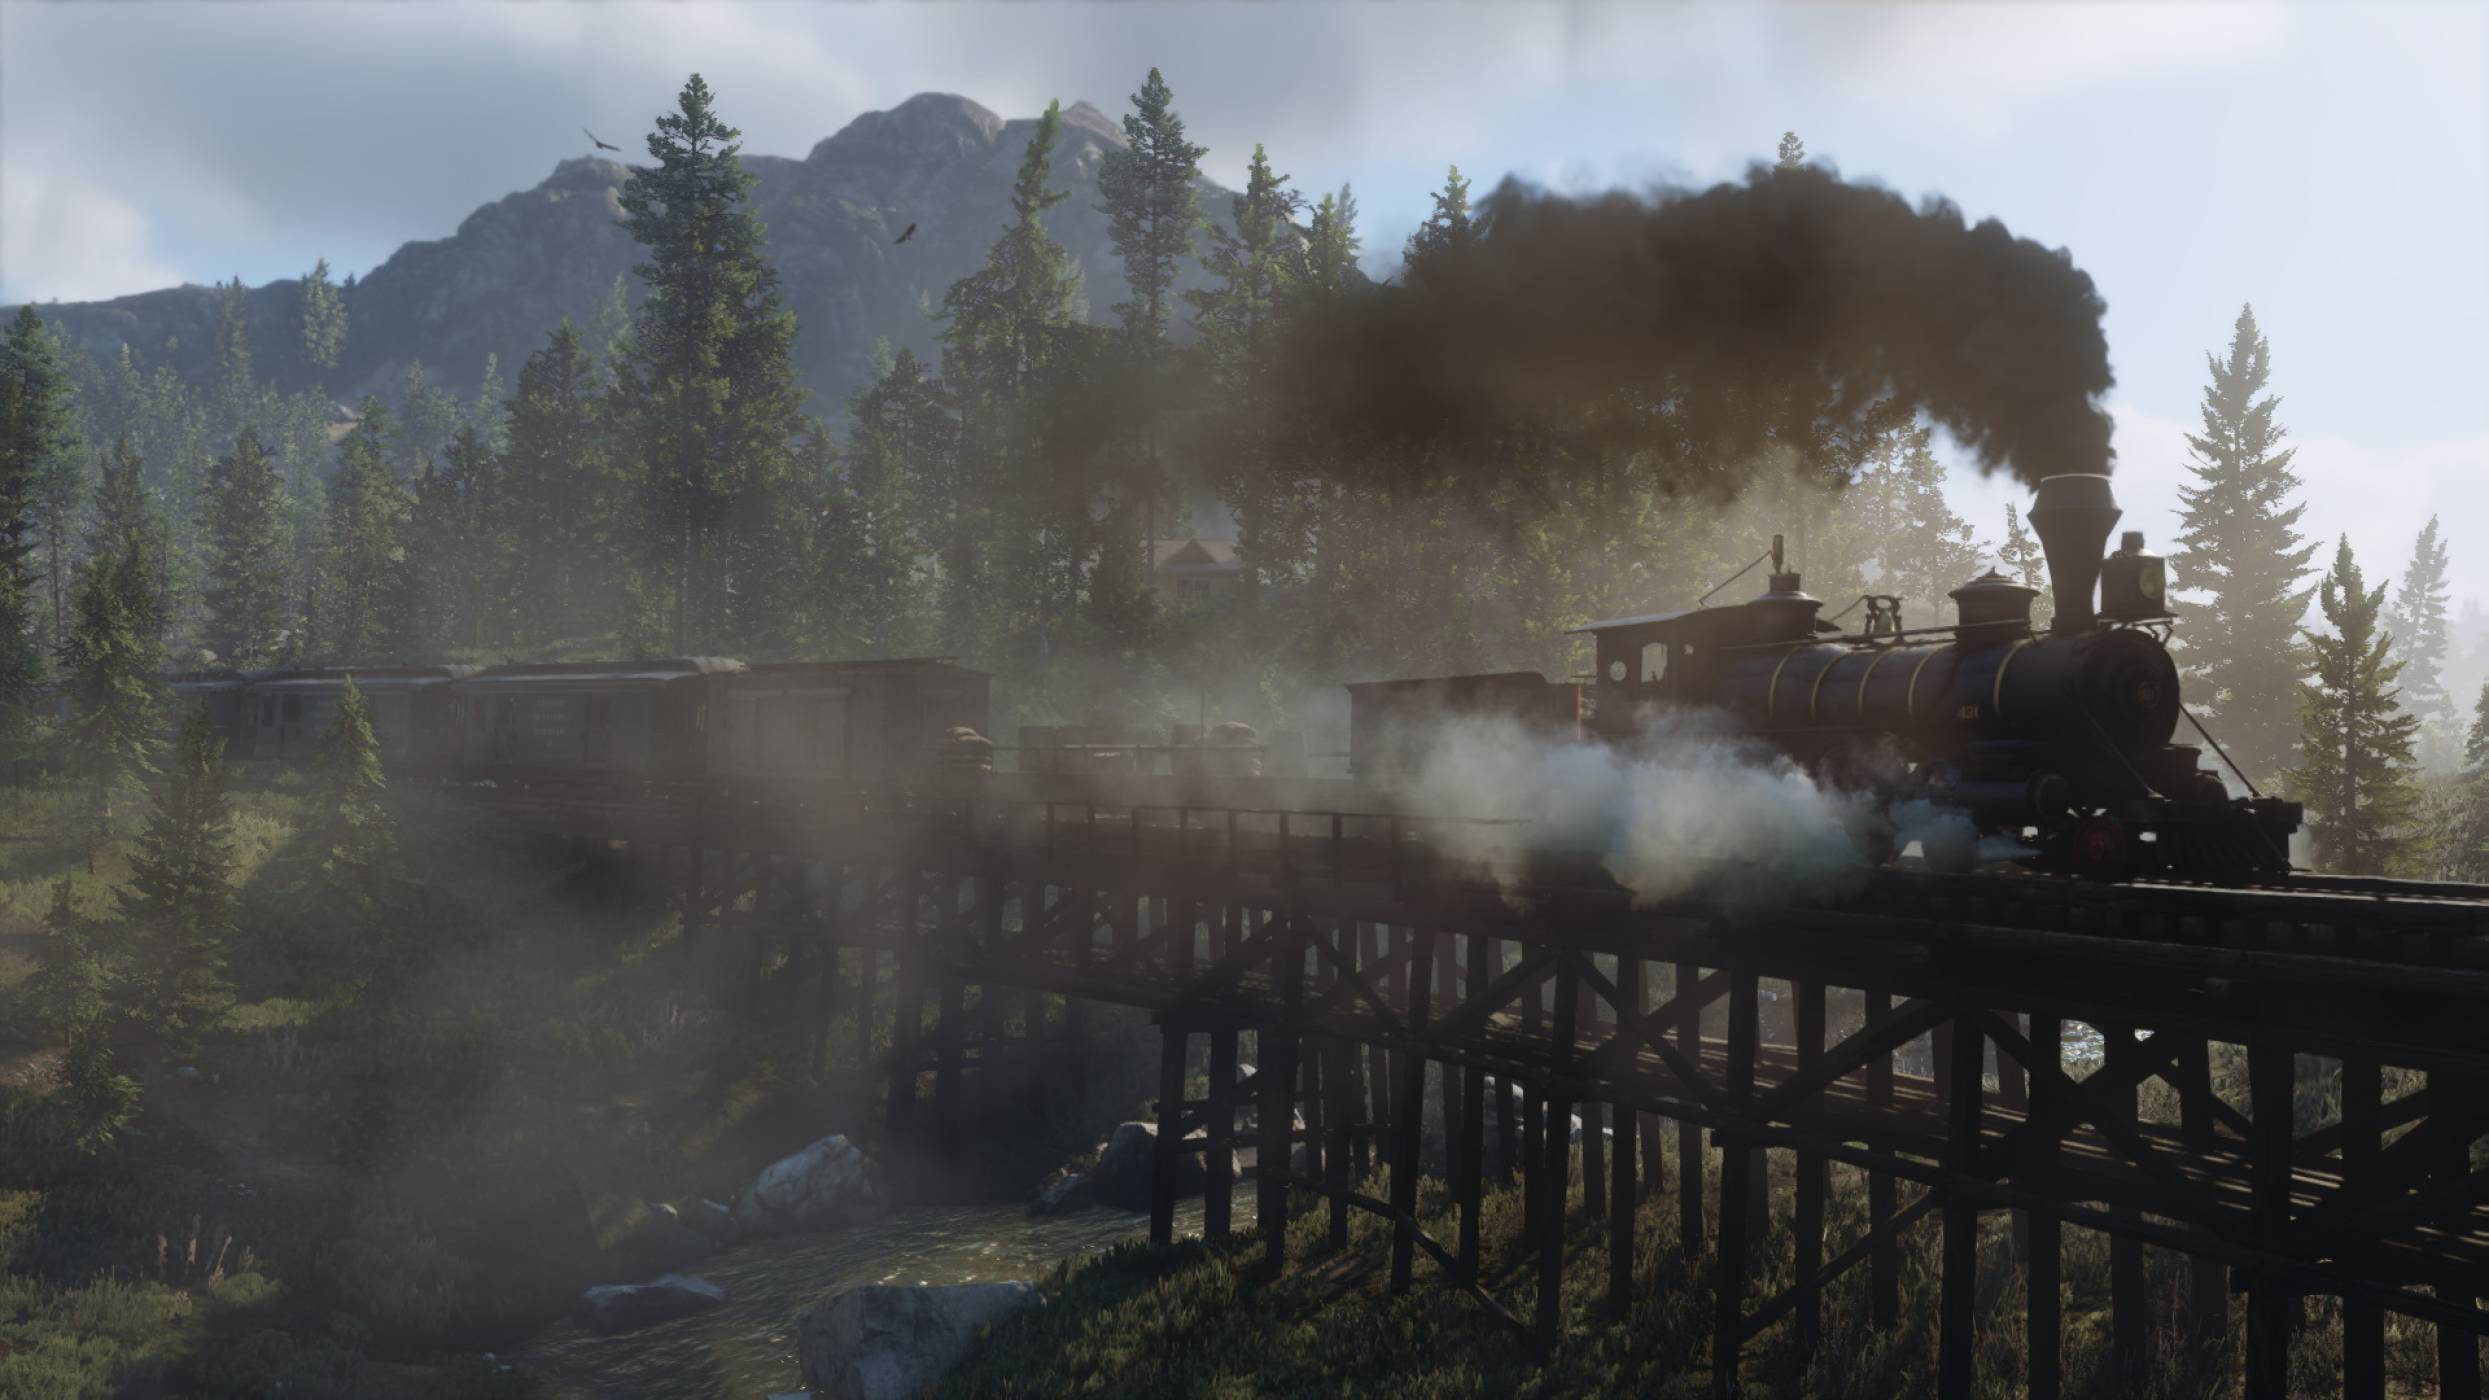 РС версията на Red Dead Redemption 2 все още е под голяма въпросителна